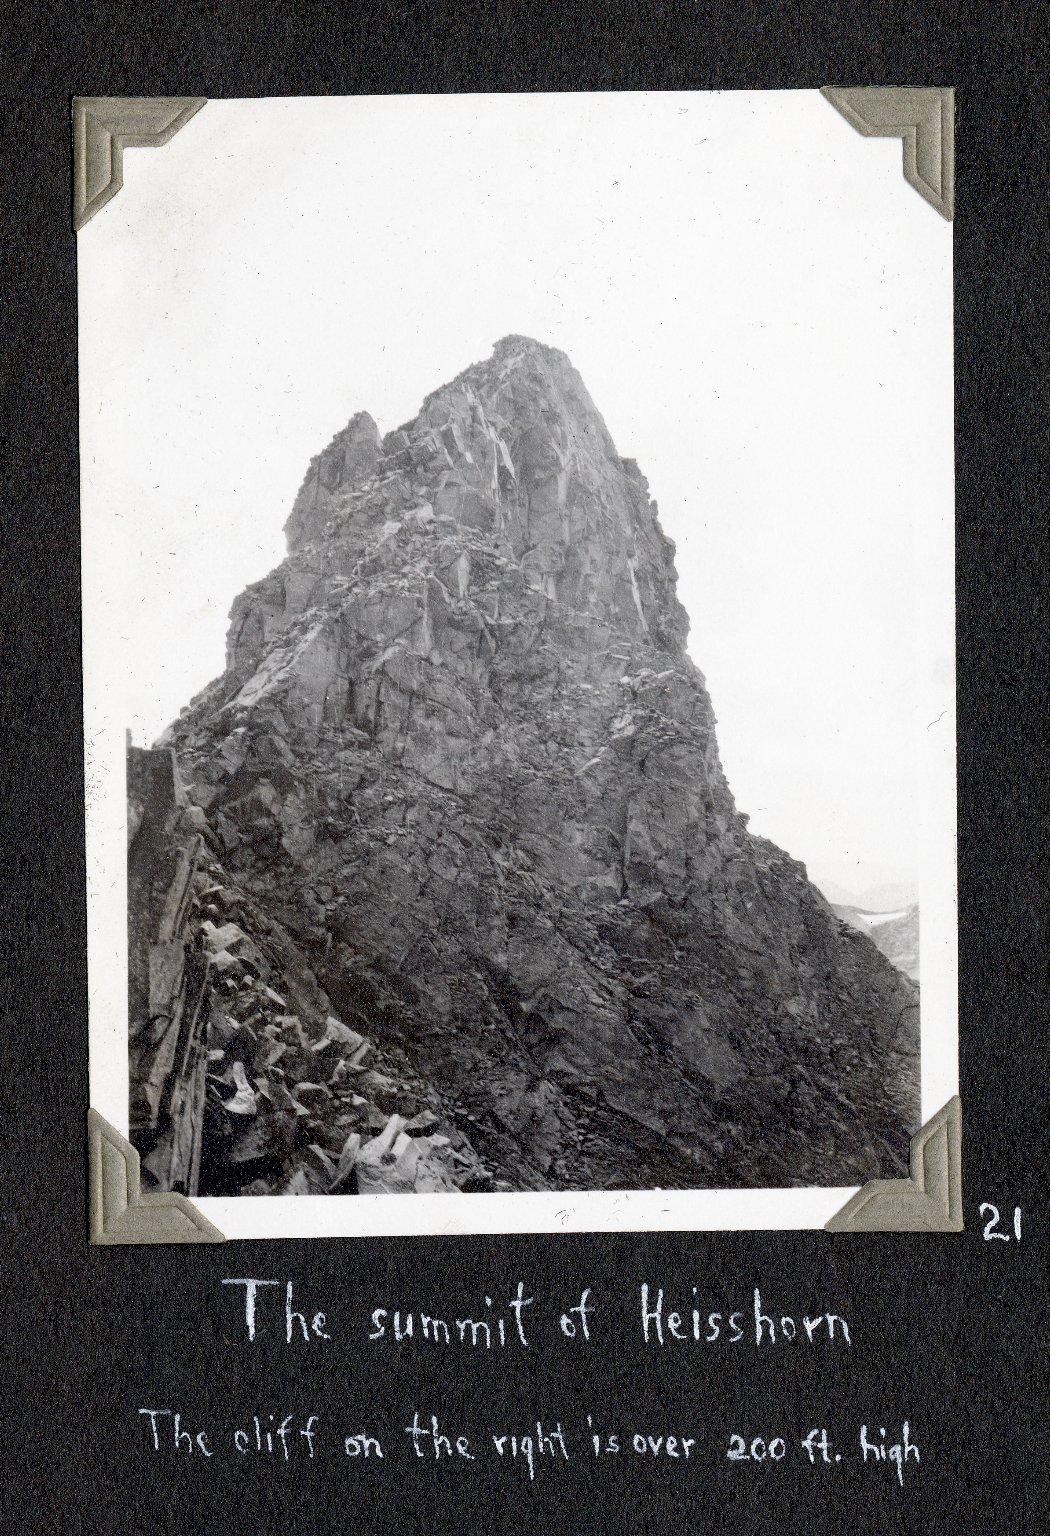 The summit of Heisshorn Peak